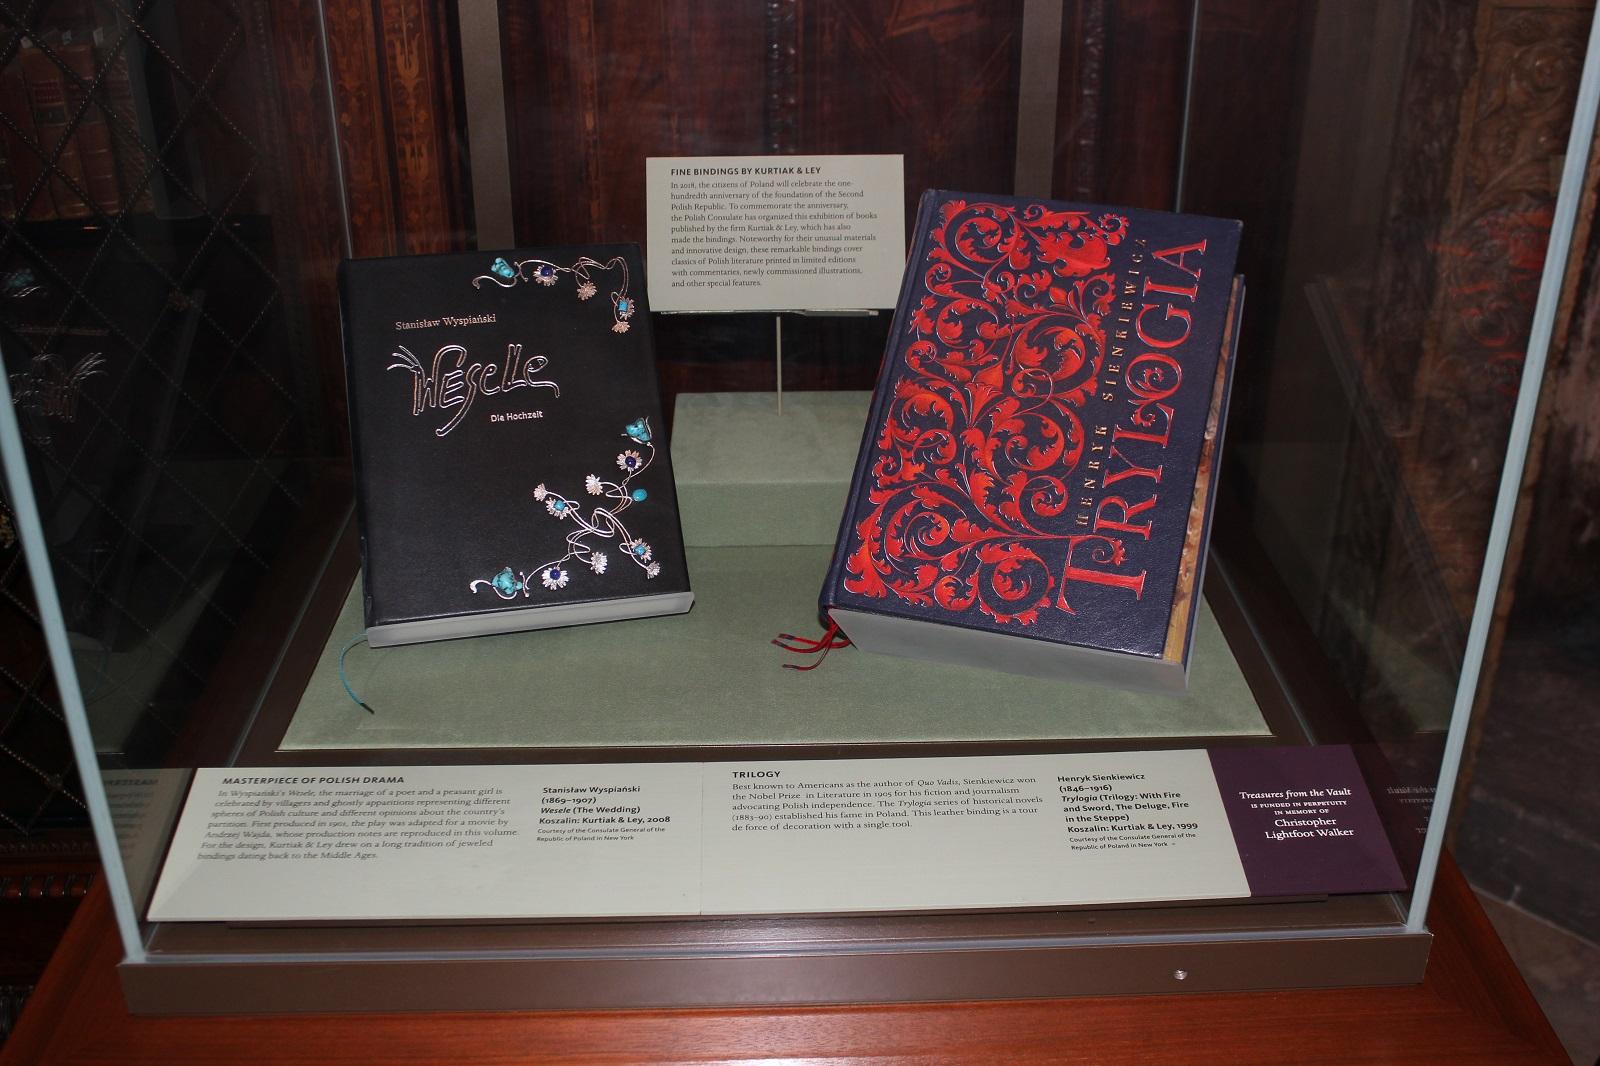 Piękne książki na wystawie w Morgan Library & Museum w Nowym Jorku